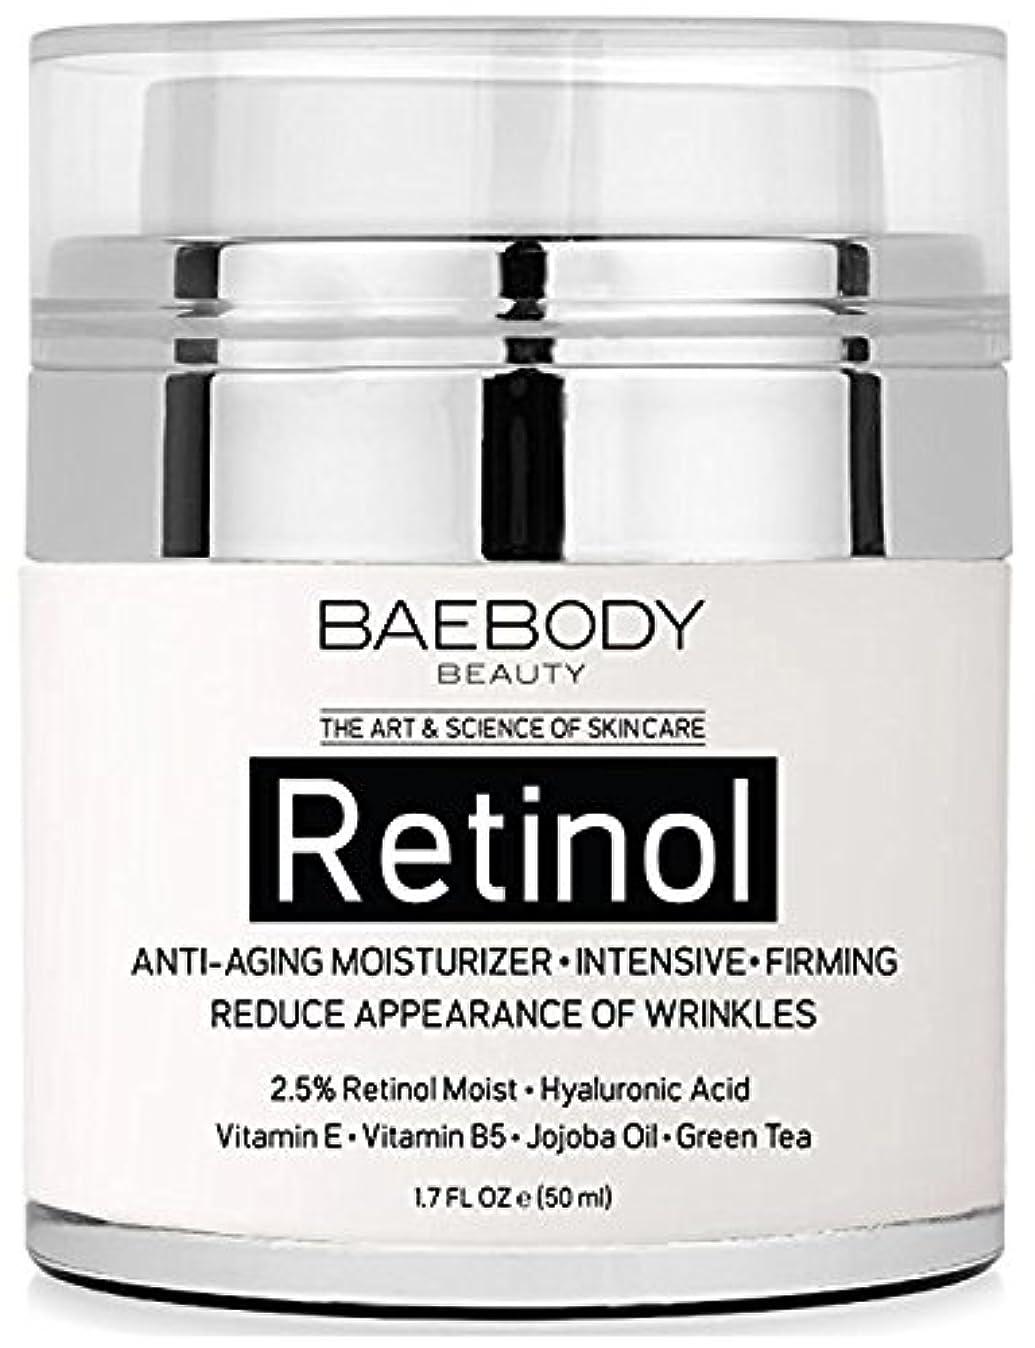 わがまま一緒に不健全Baebody社 の レチノール 保湿クリーム Baebody Retinol Moisturizer Cream [並行輸入品]